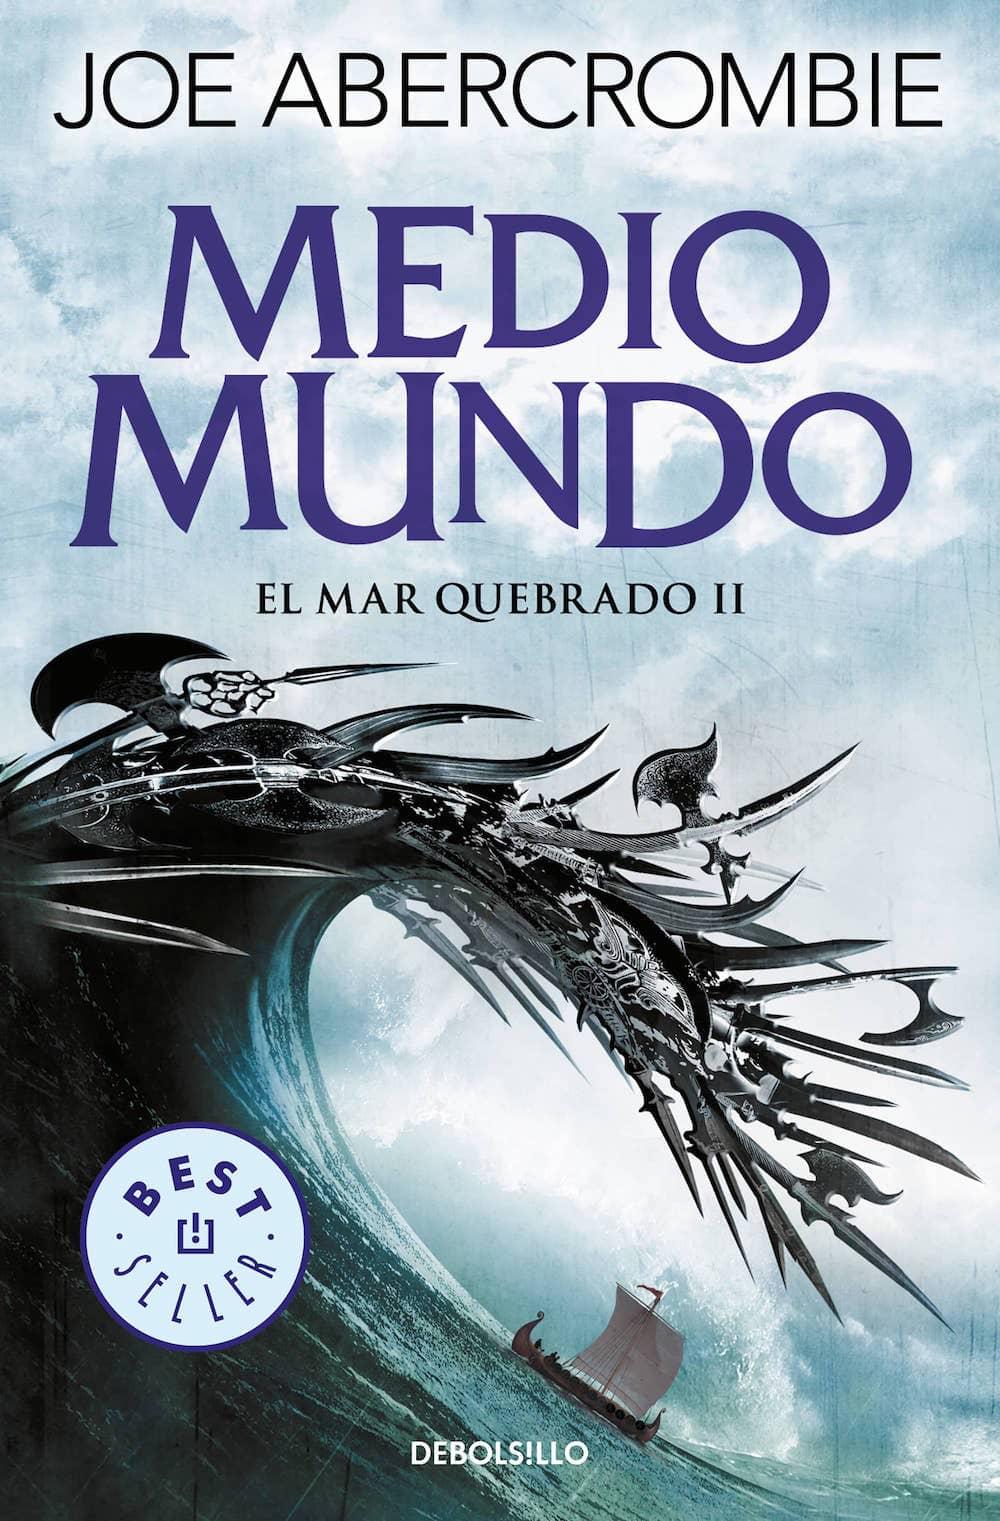 MEDIO MUNDO (DEBOLSILLO)